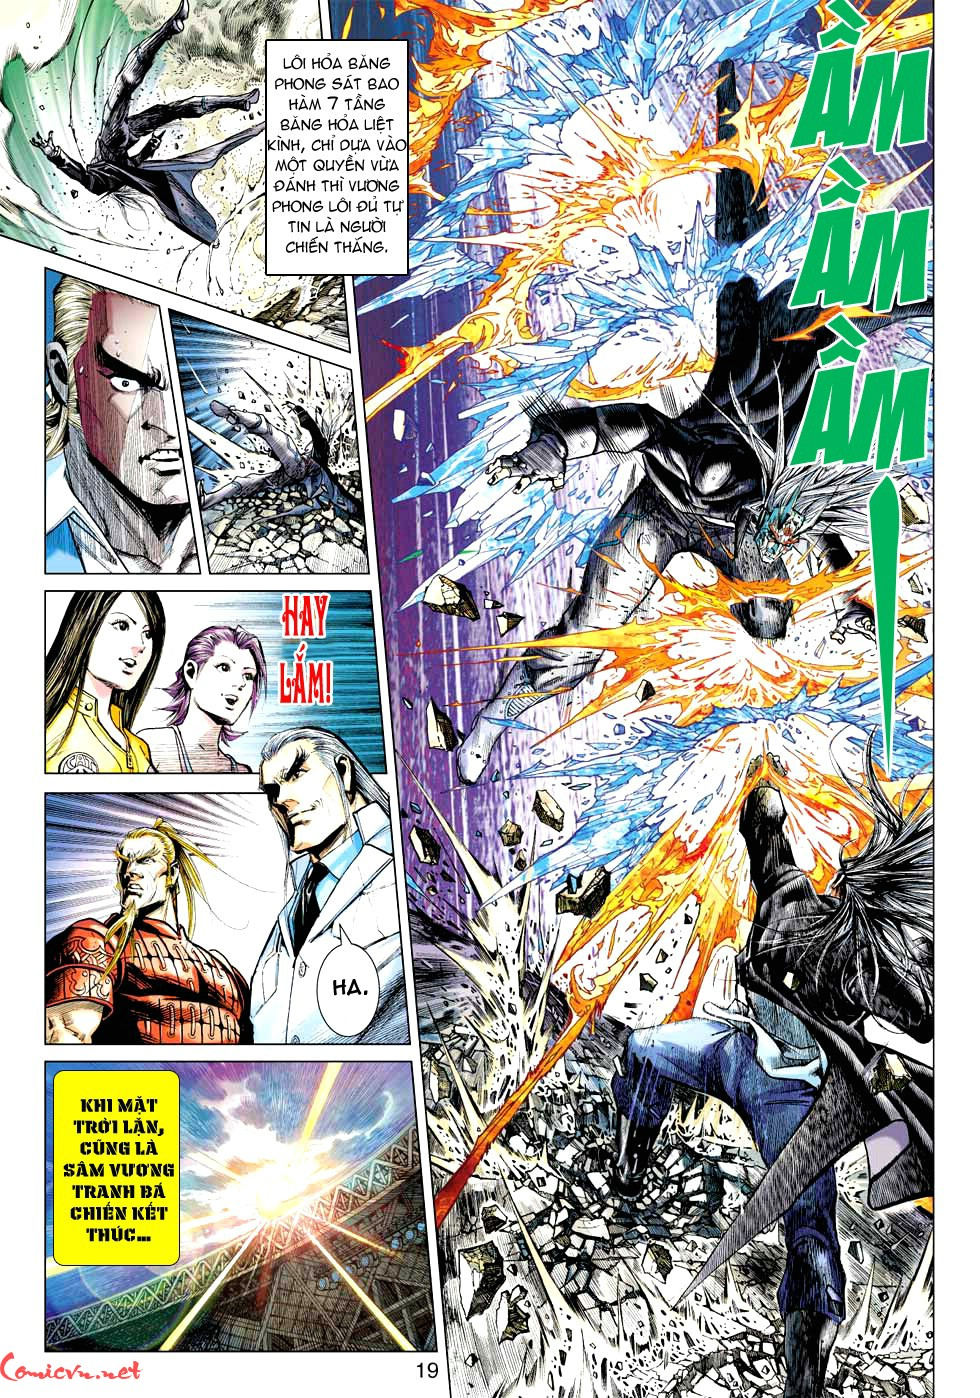 Vương Phong Lôi 1 chap 32 - Trang 18